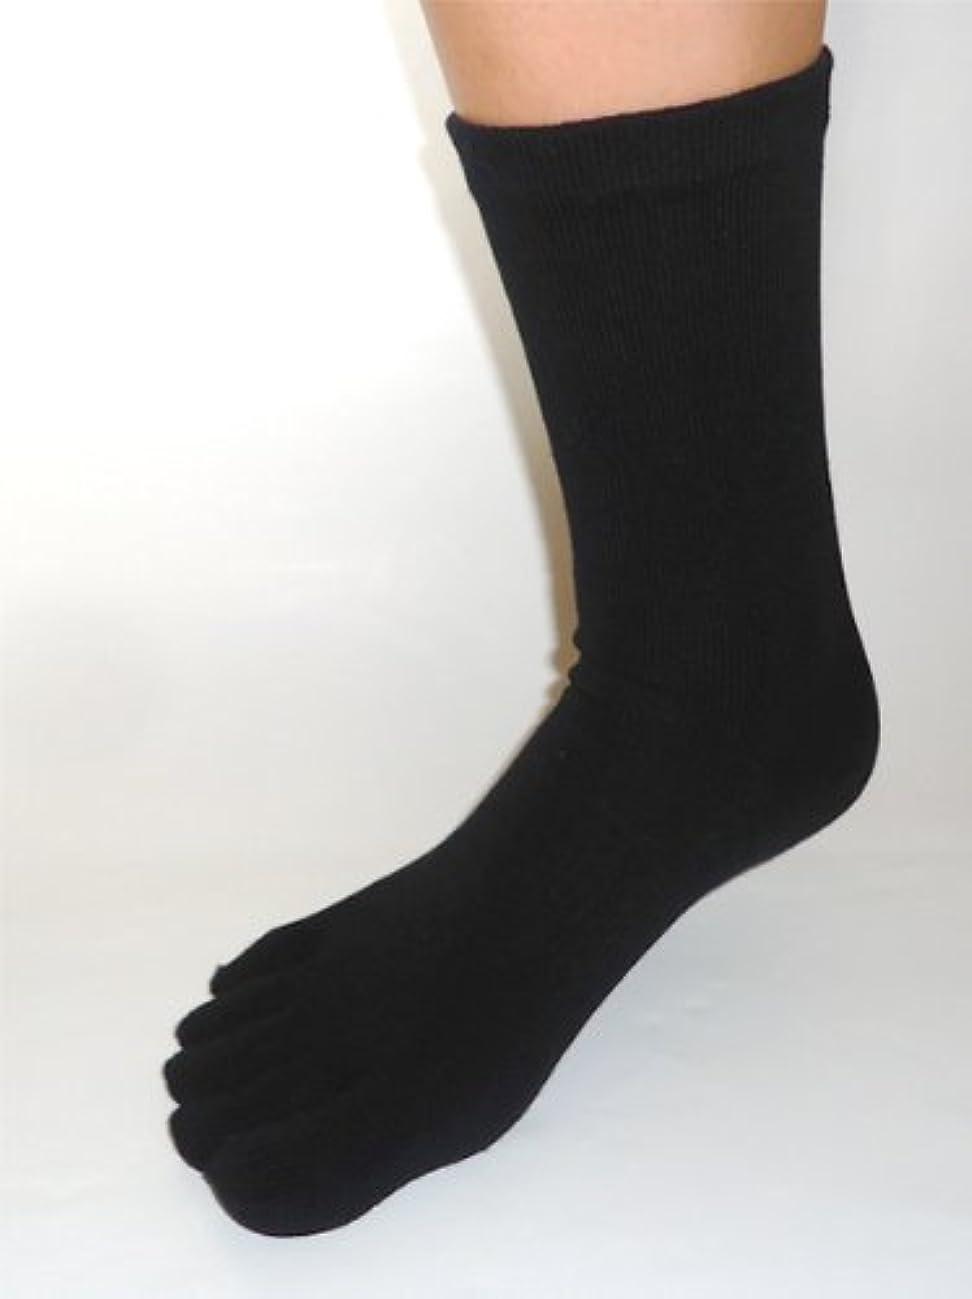 咲く郵便番号入力日本製 紳士5本指靴下 こだわりシルク 24~26cm お買得3色3足組